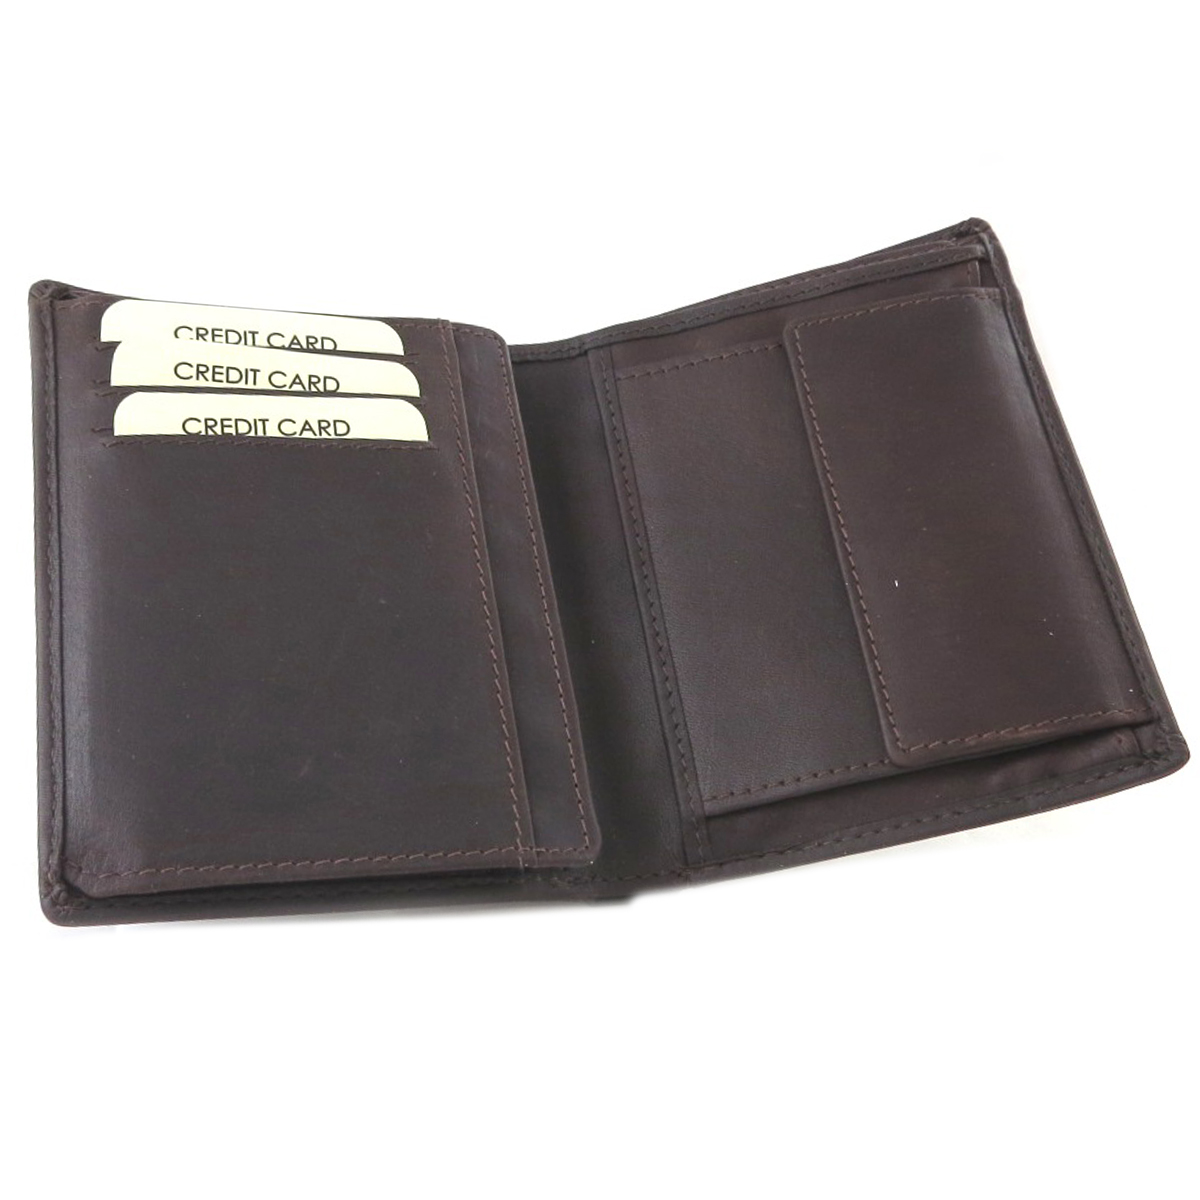 Portefeuille européen cuir \'Gianni Conti\' marron foncé - 125x10x15 cm - [P9873]